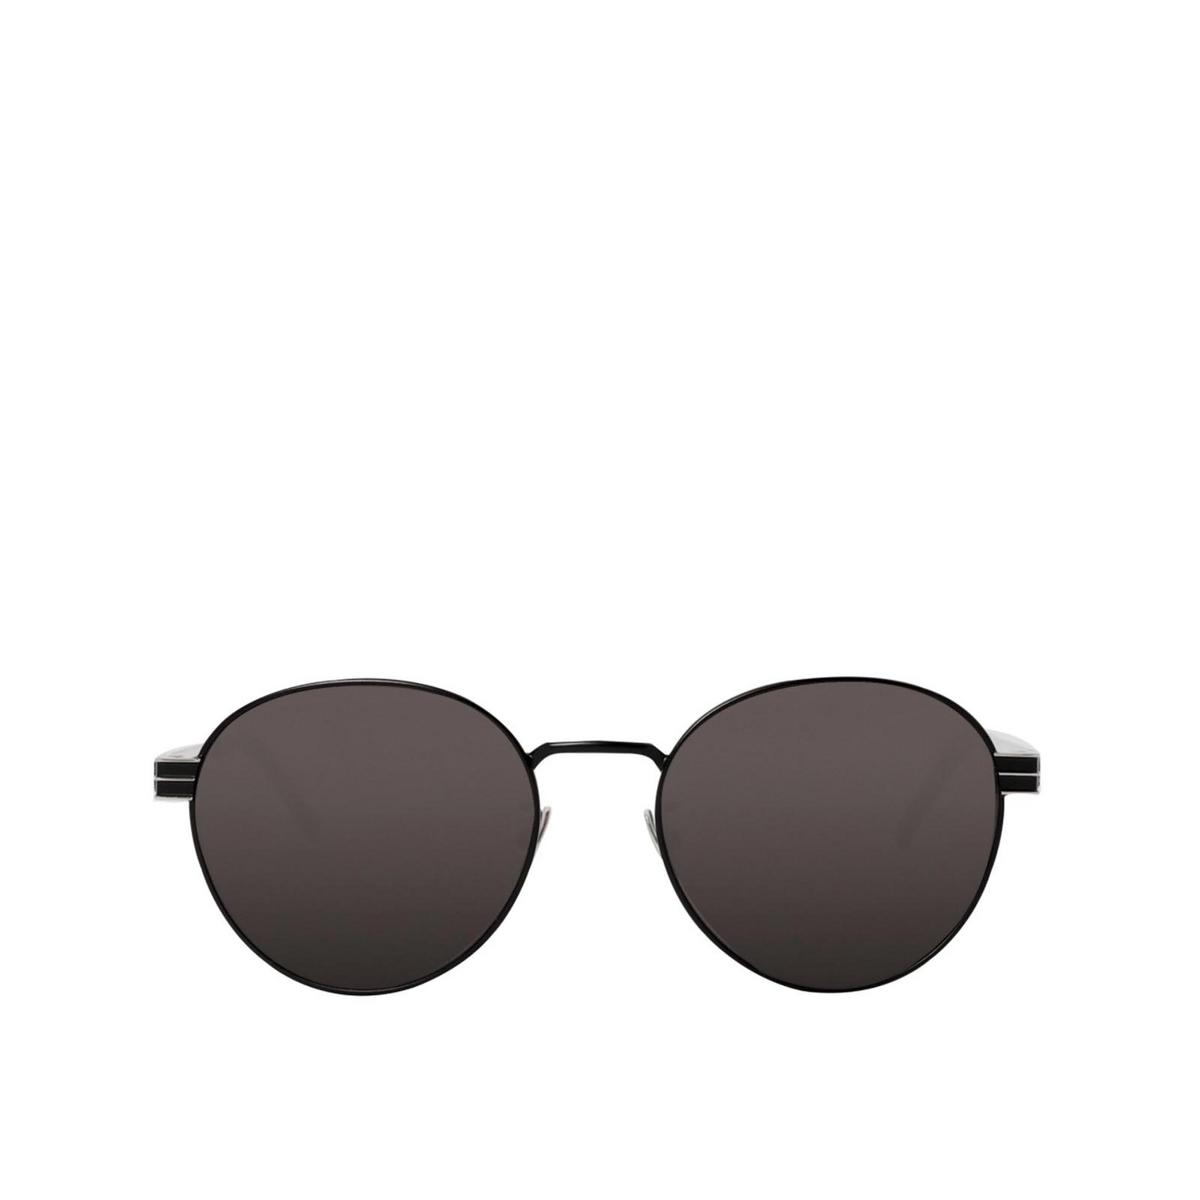 Saint Laurent® Round Sunglasses: SL M65 color Black 002 - front view.